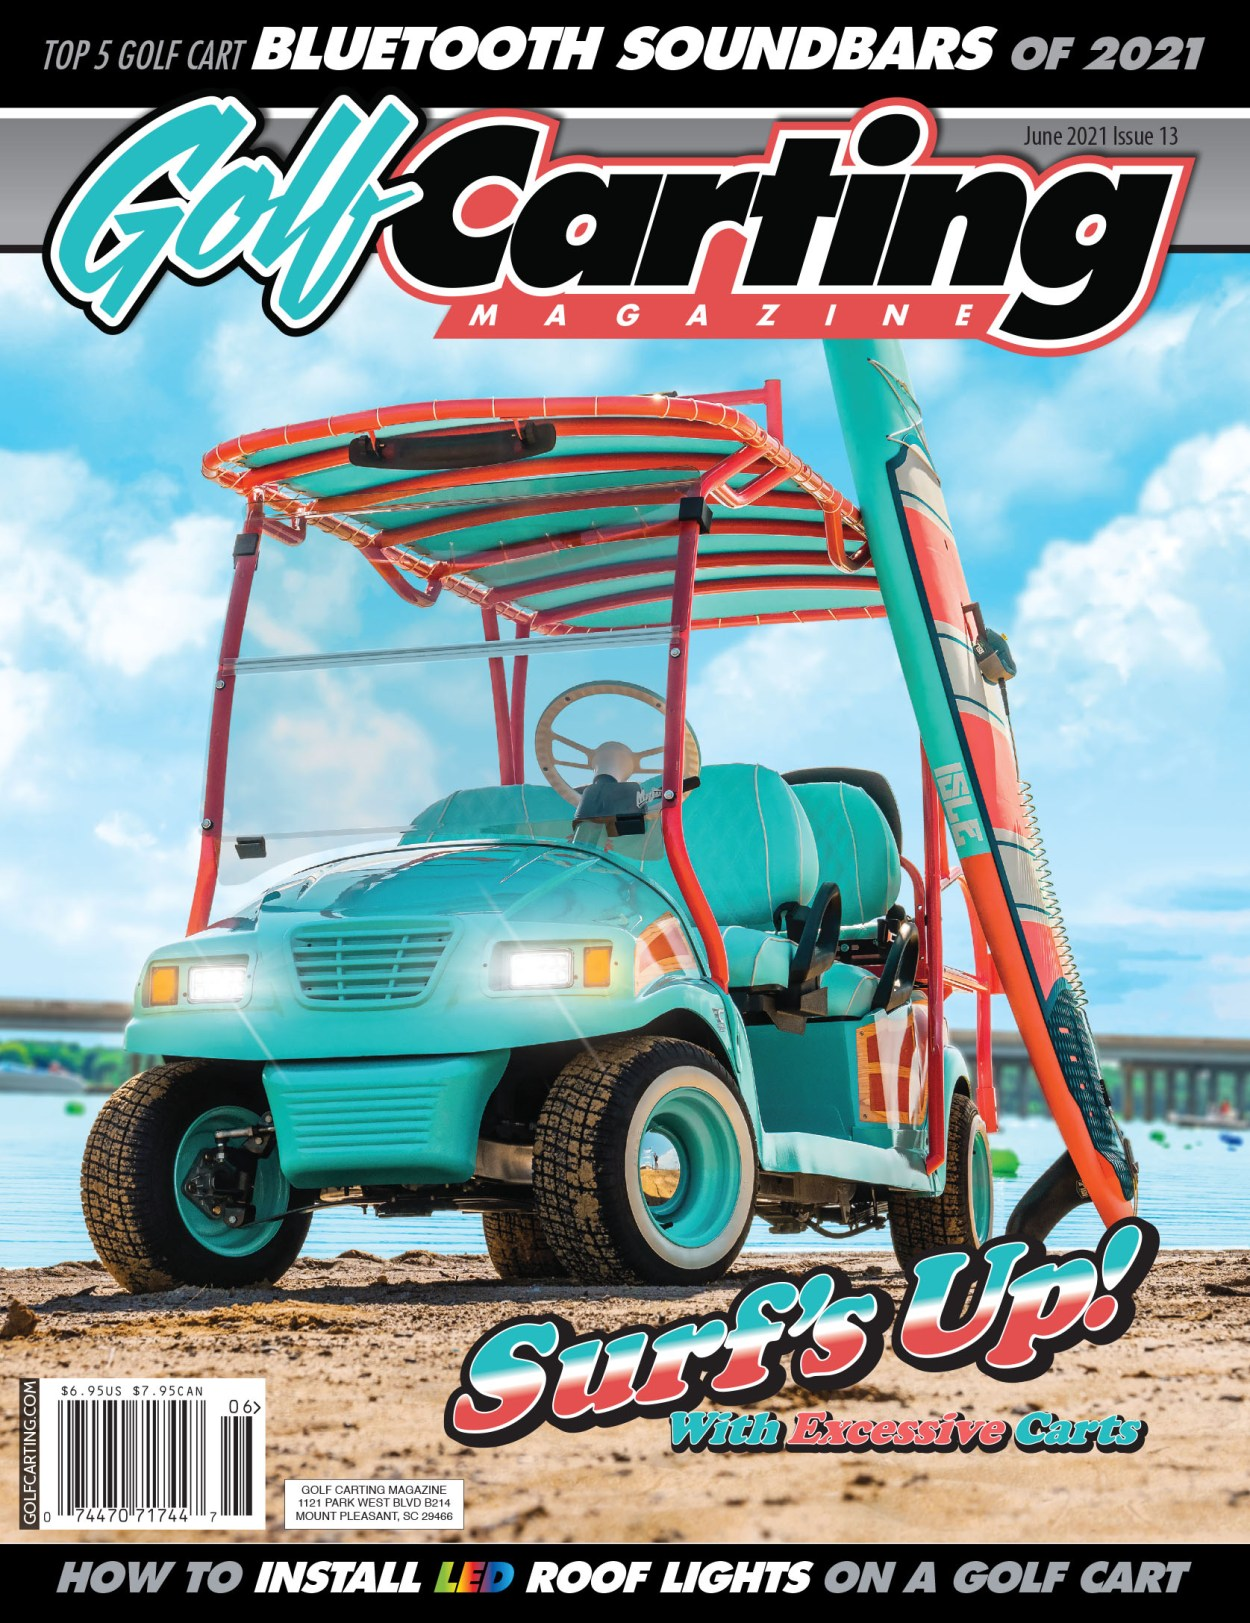 Golf Carting Magazine June 2021